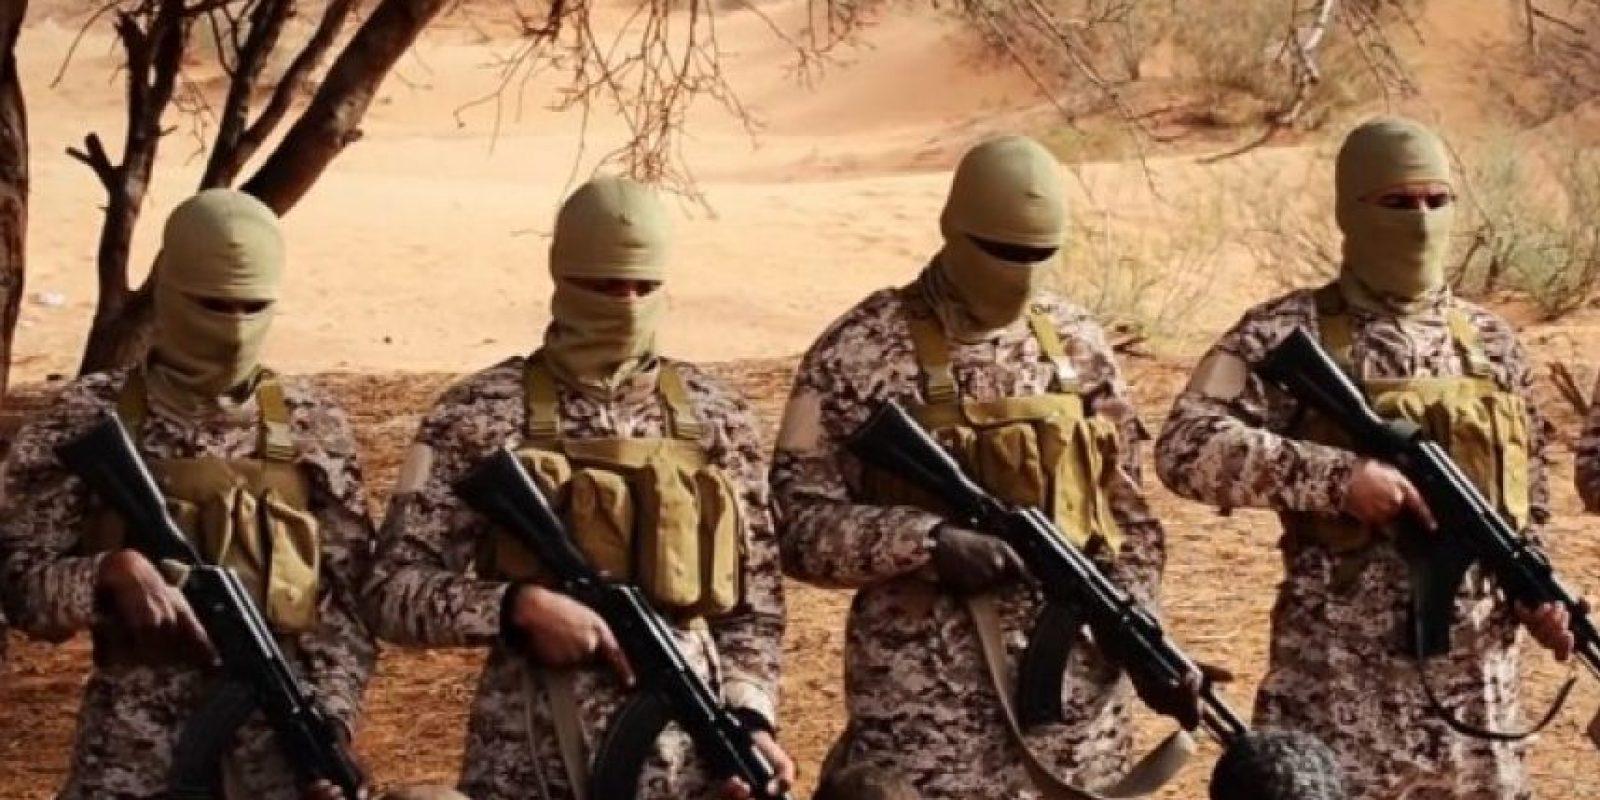 El grupo yihadista cuenta con cerca aliados de una veintena de otros grupos extremistas, sobre todo en países fuera de Iraq y Siria, donde tiene su mayor poder. Entre estos se encuentran: Boko Haram, en Nigeria; Soldiers of Caliphate en Algeria e Islamic Youth Shura, en Libia. Foto:AP